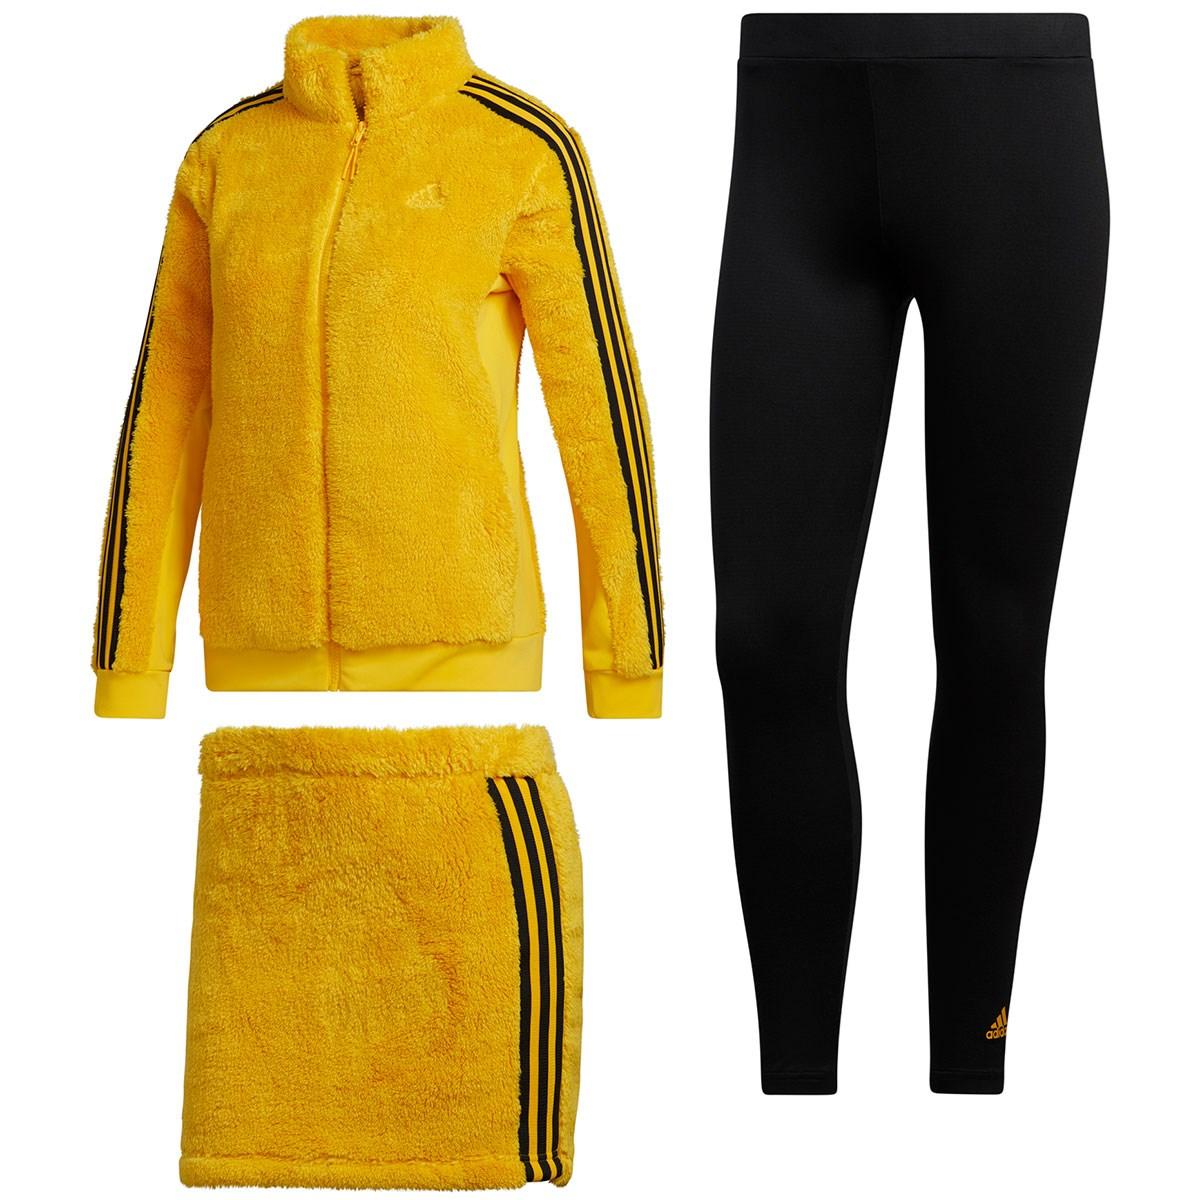 アディダス Adidas スリーストライプス レギンス付きボアフリースジャケット&スカート J/S ボールドゴールド レディス